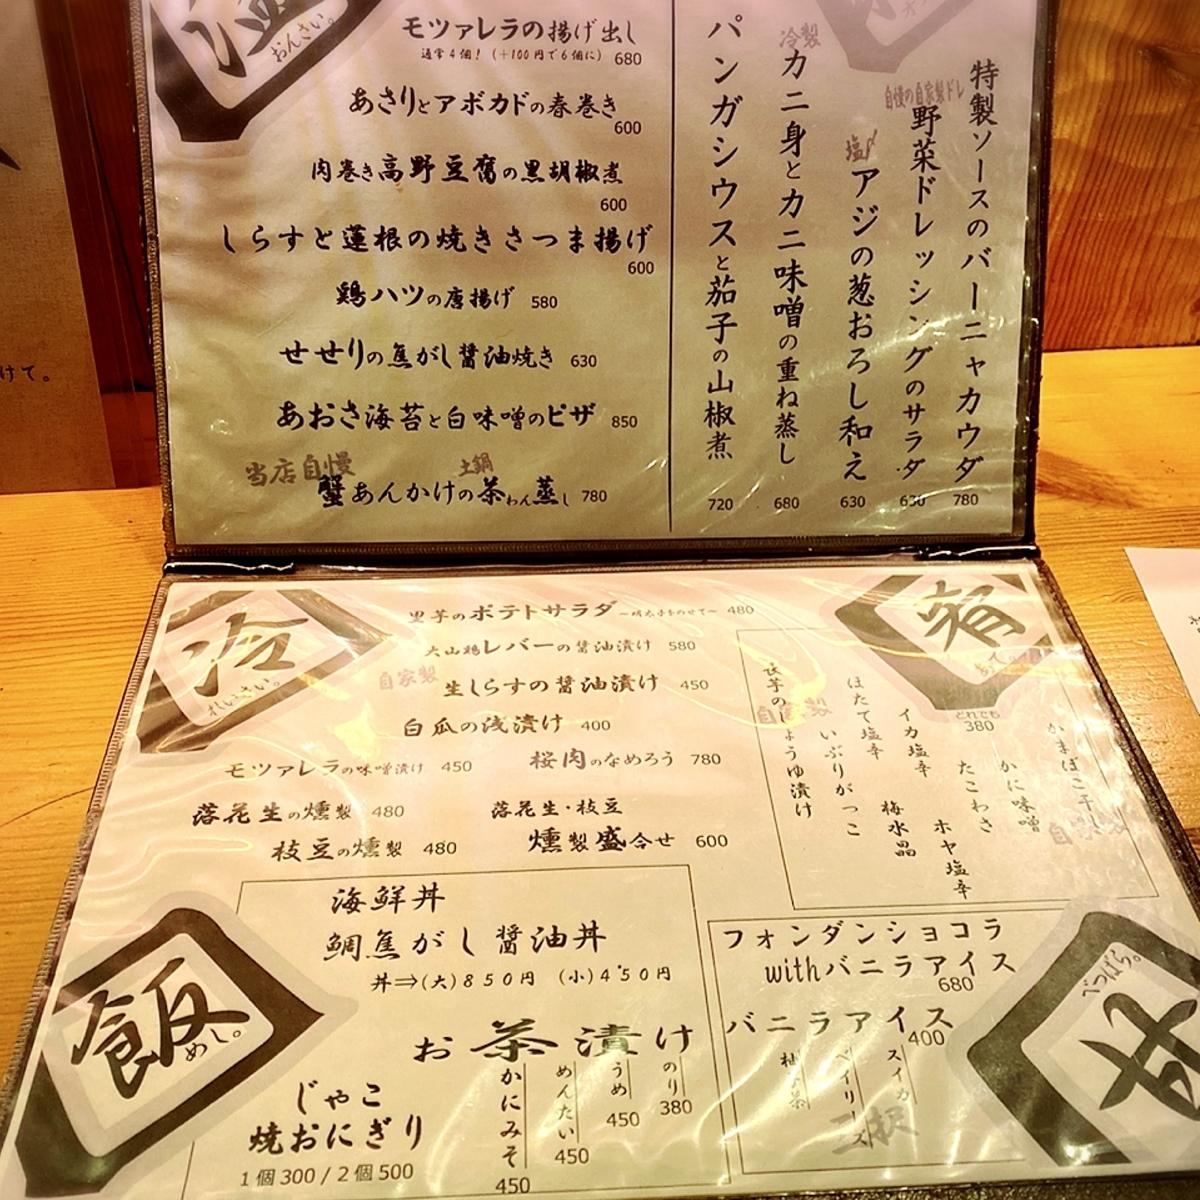 「日本酒庵 吟の杜 吉祥寺」のメニューと値段2